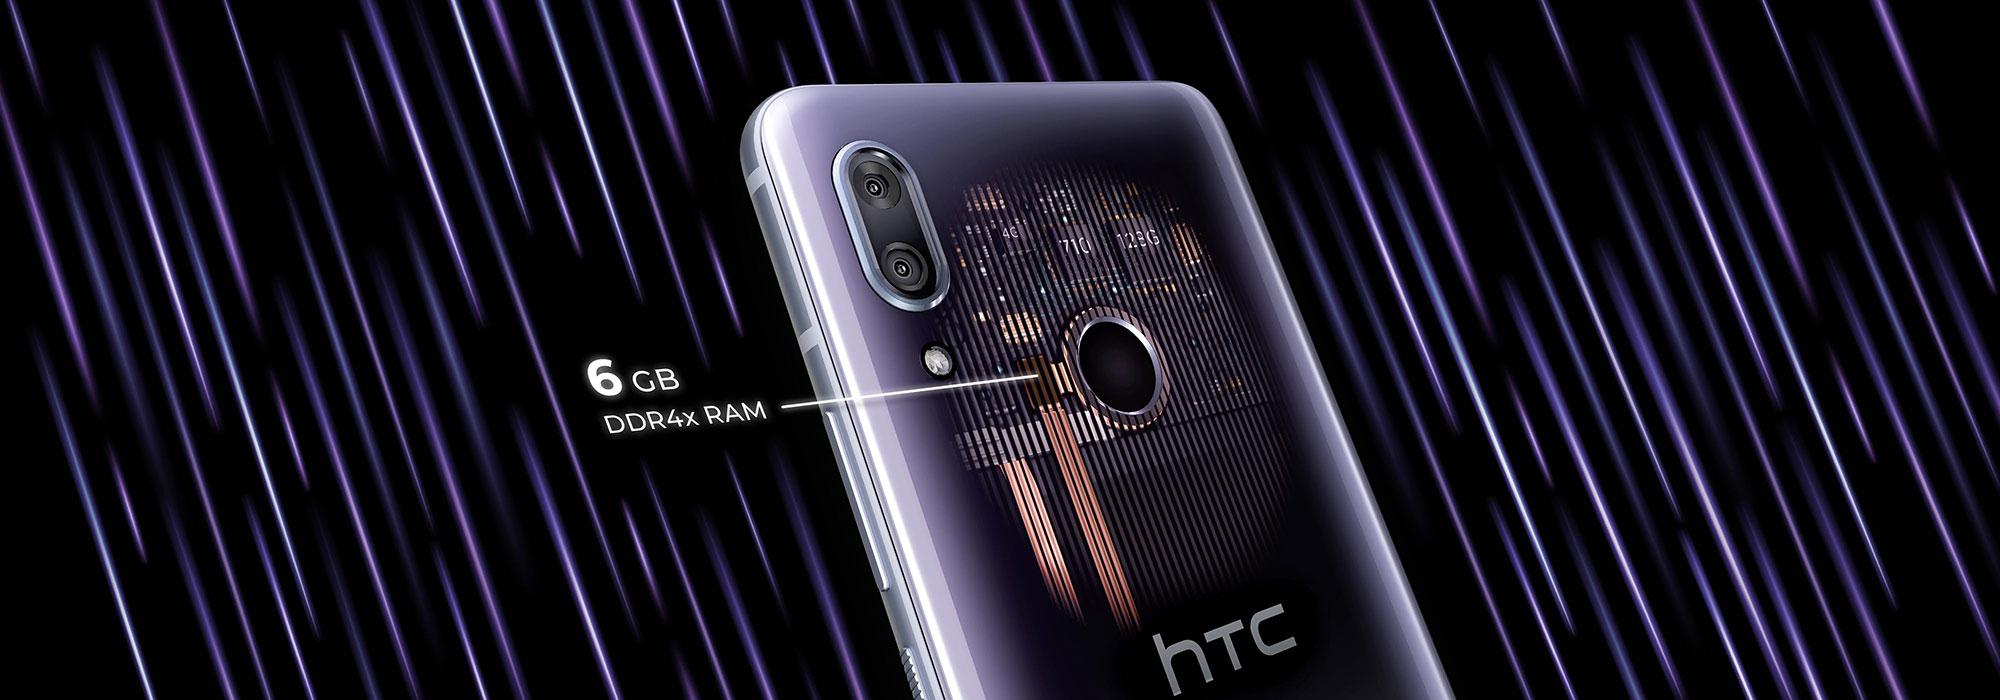 اچ تی سی یو ۱۹ ای (HTC U19e) با اسنپدراگون ۷۱۰ و دو دوربین دوگانه رسما معرفی شد